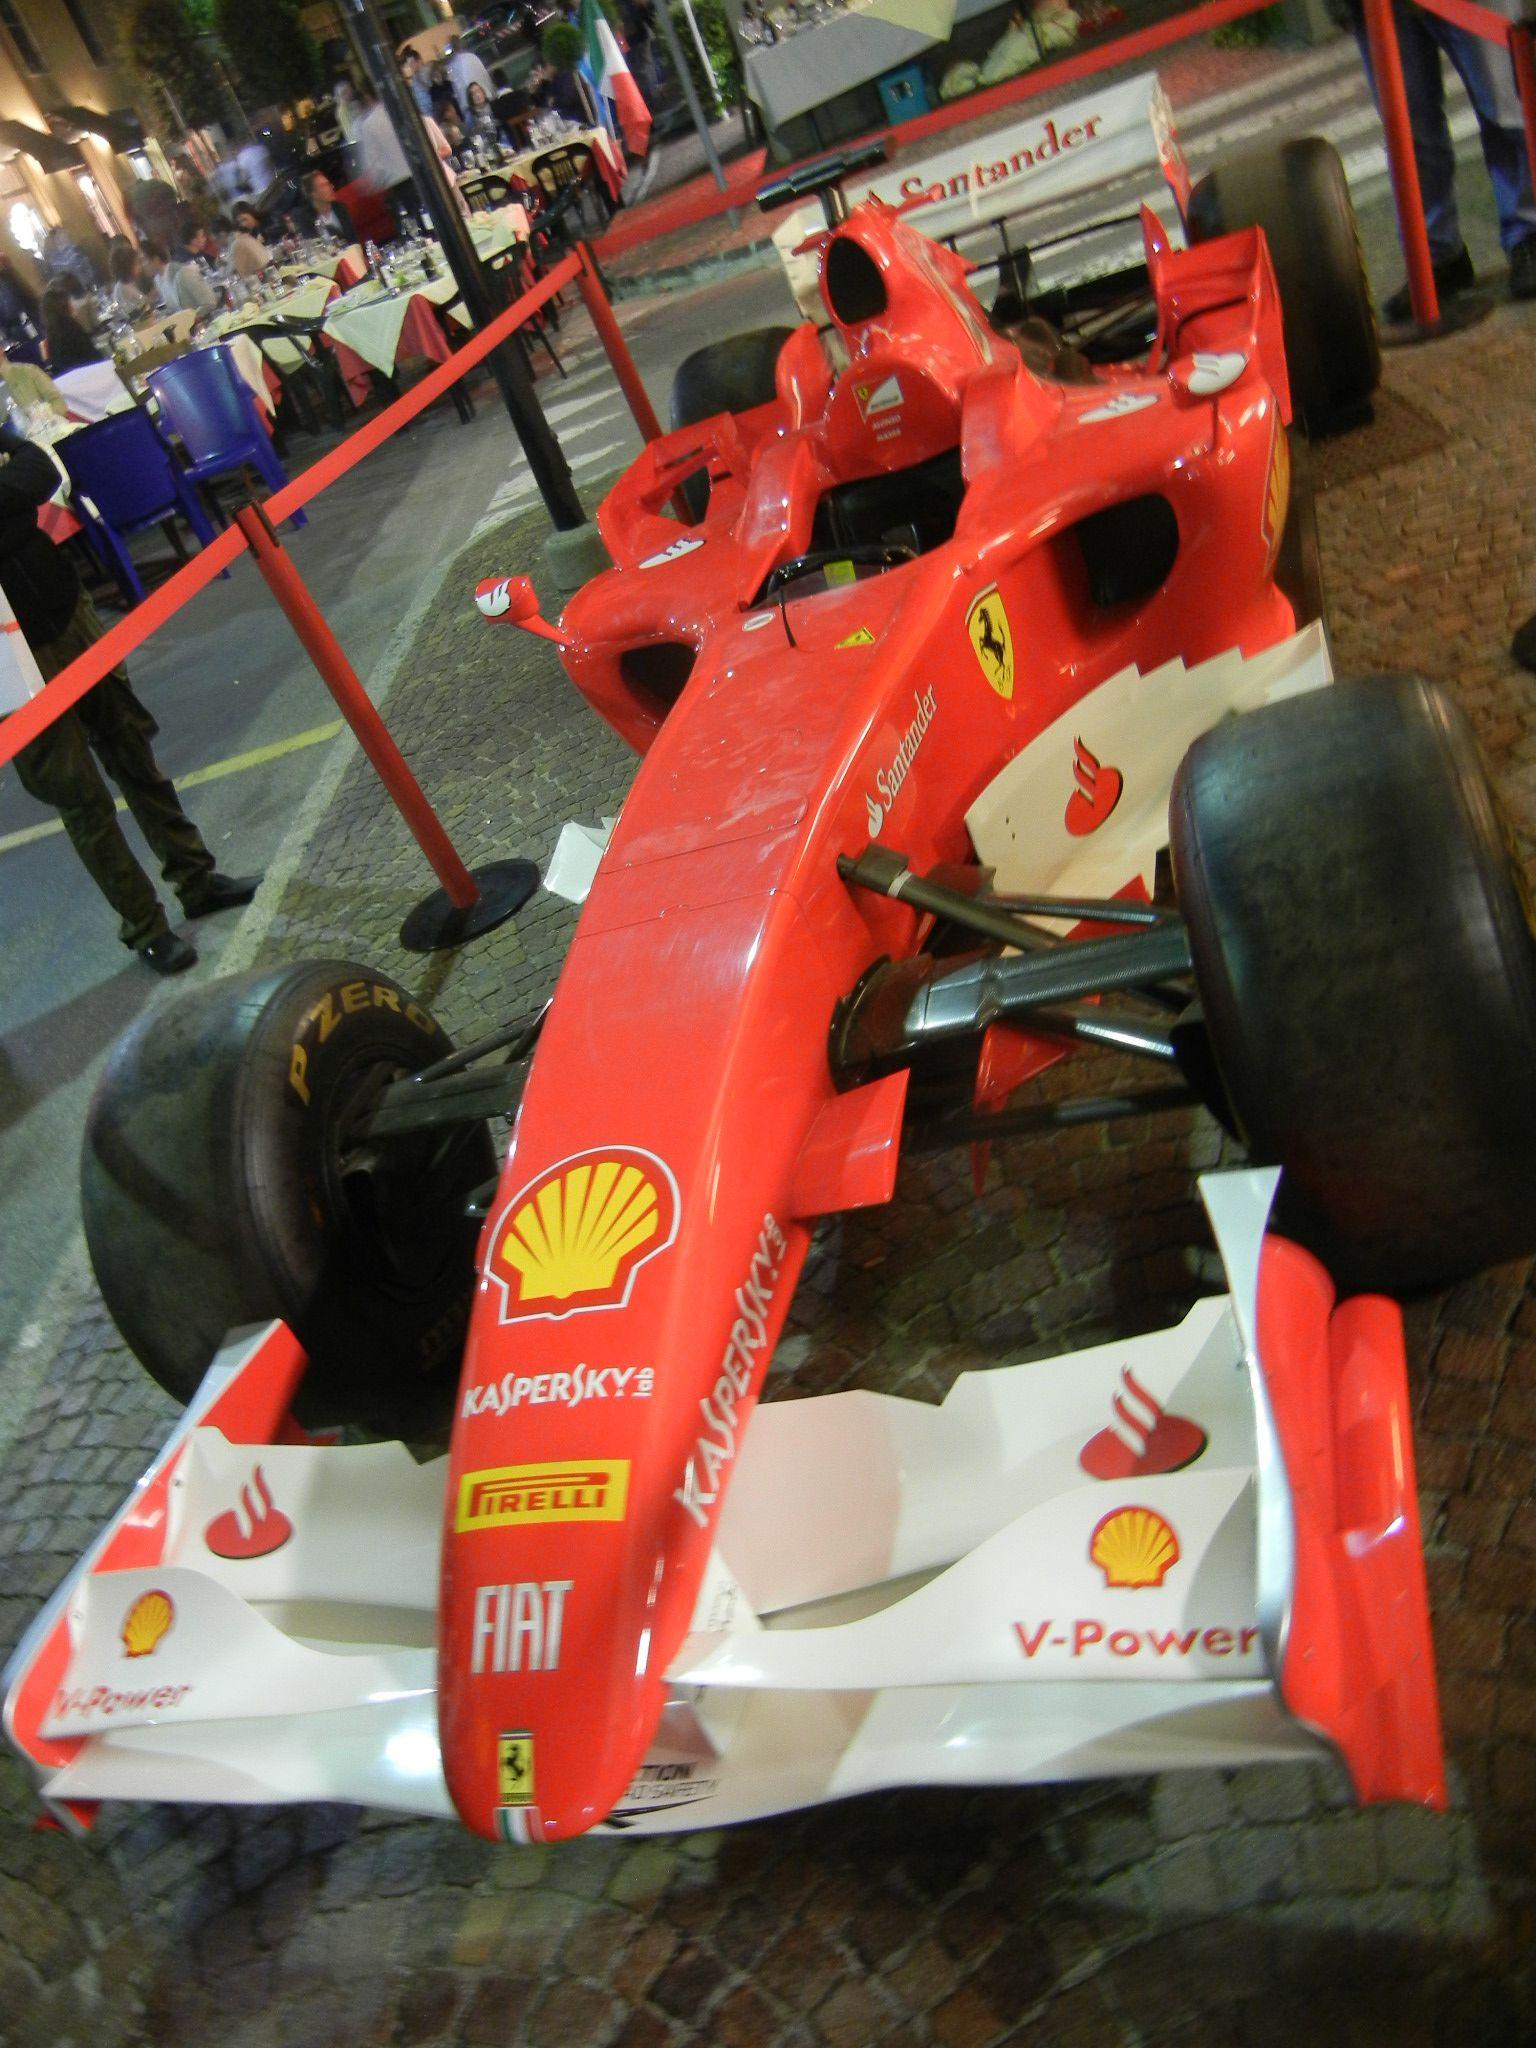 In Maranello. 1st Notte Rossa Sept 15, 2012.